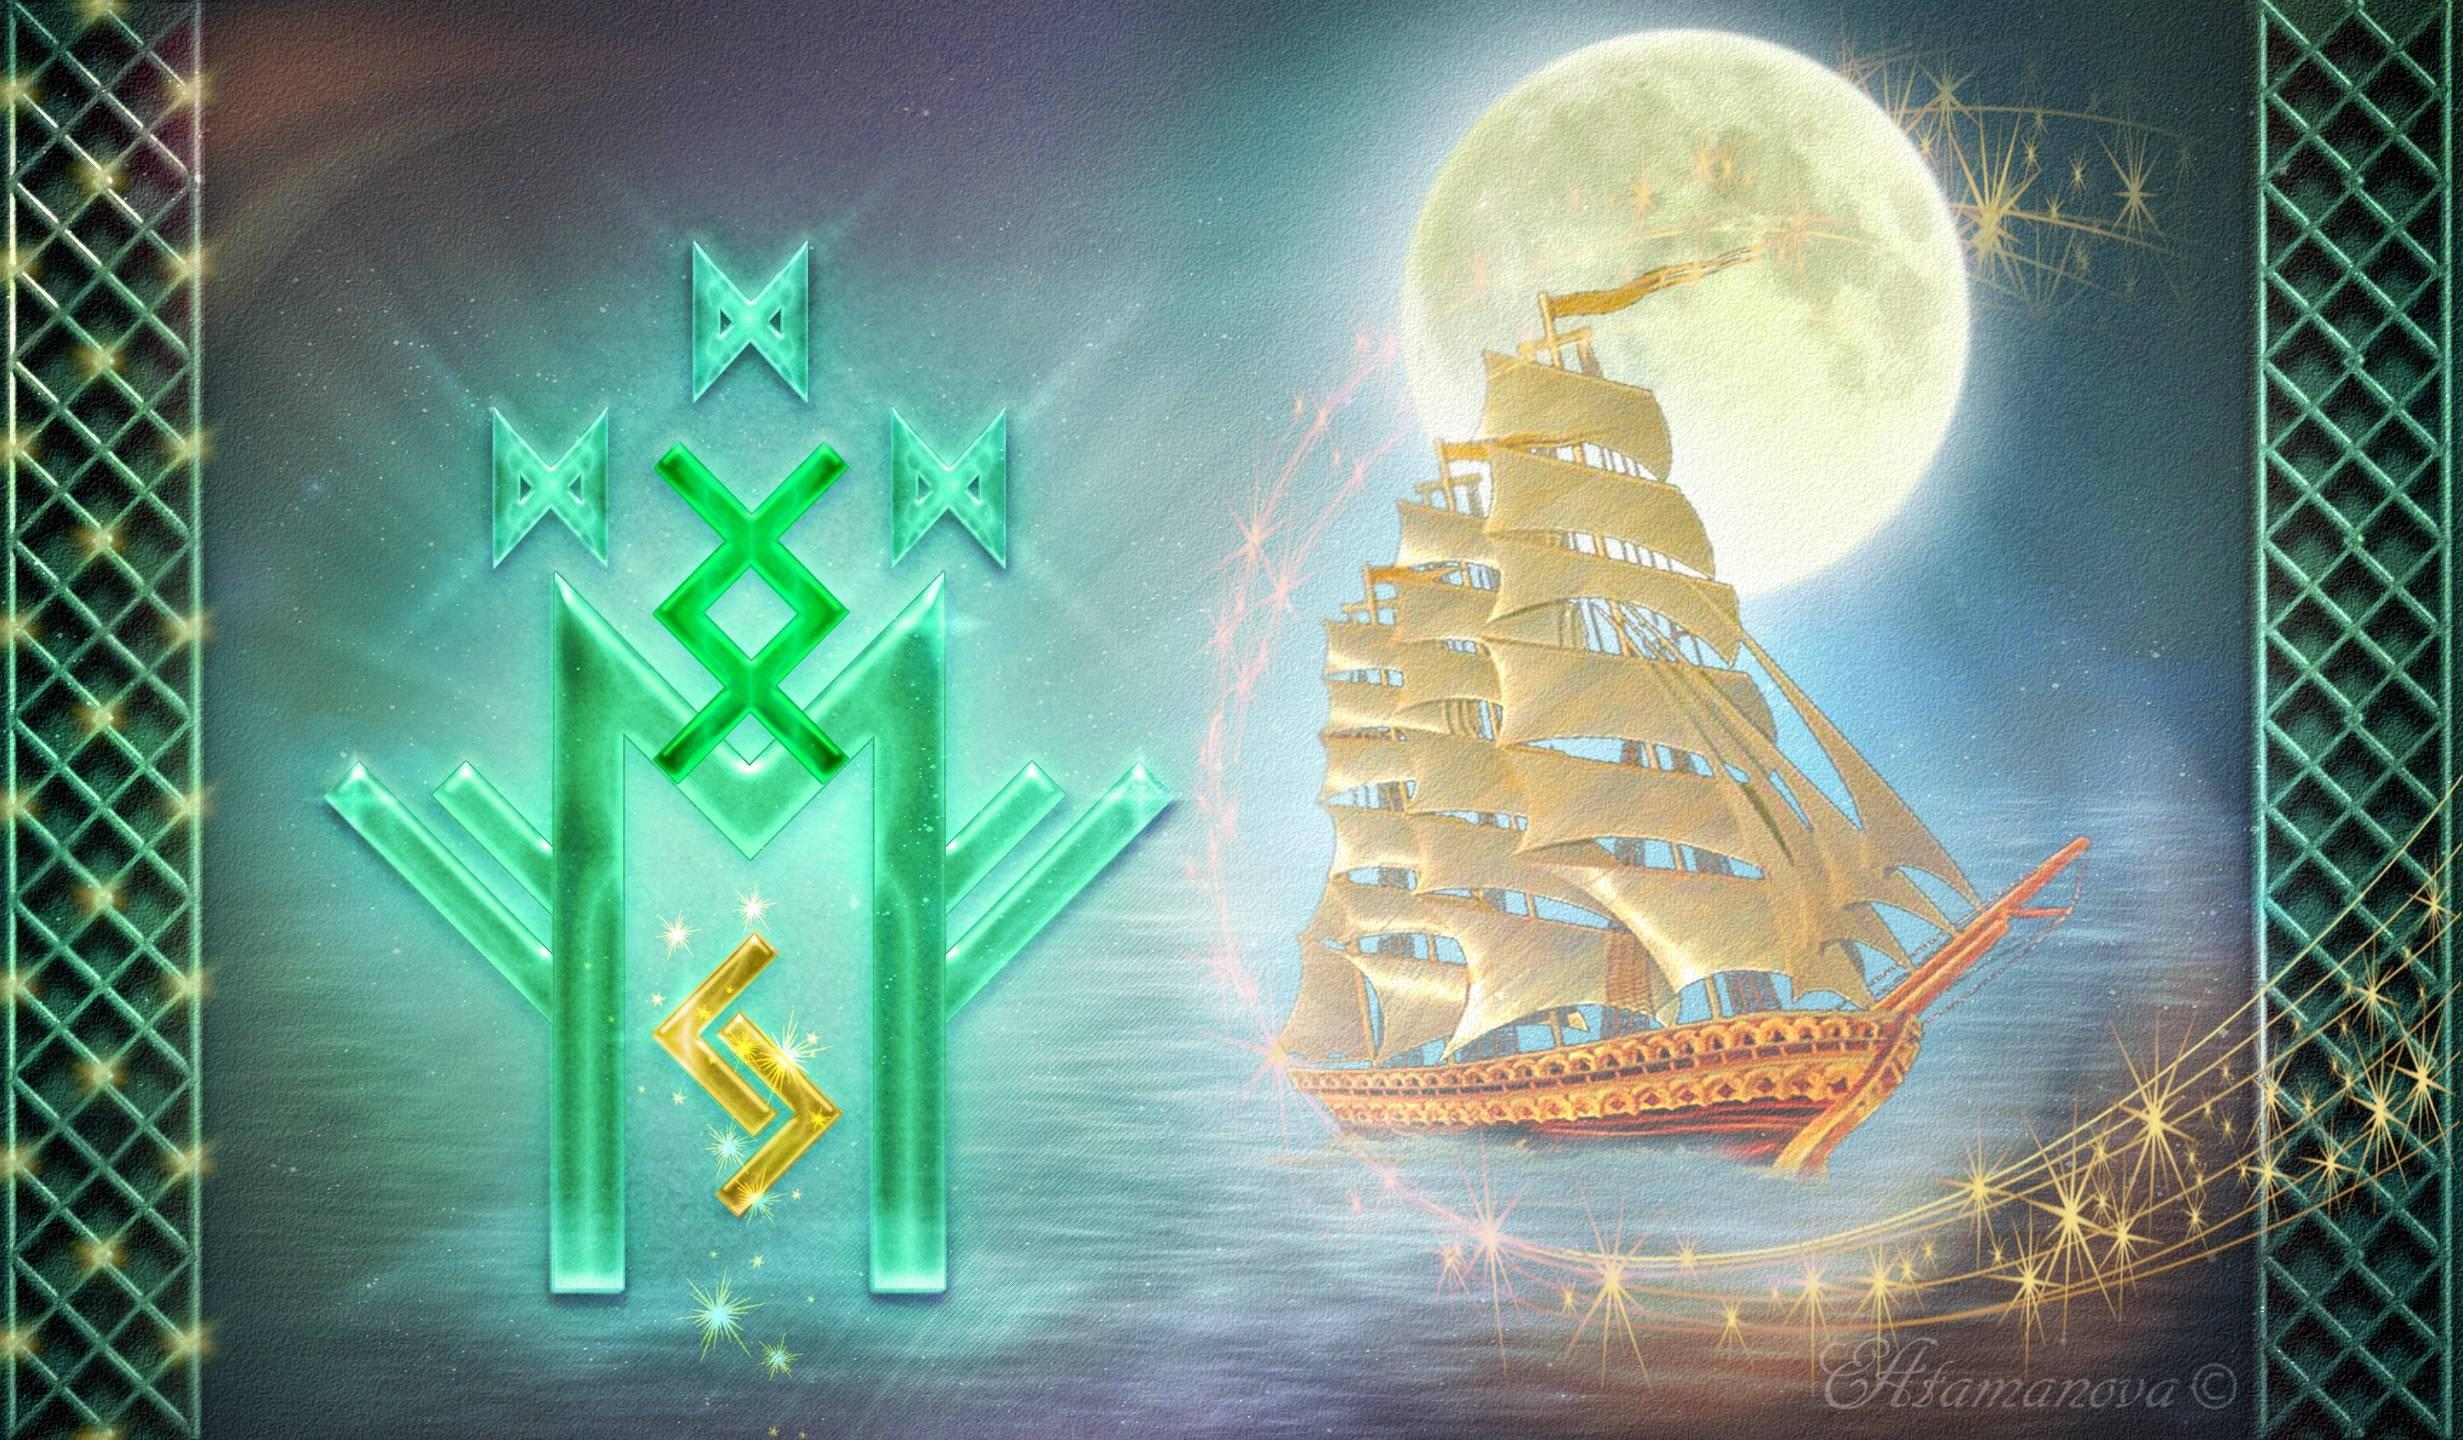 Магические символы для привлечения денег — знаки богатства и благополучия (11 фото) — нло мир интернет — журнал об нло